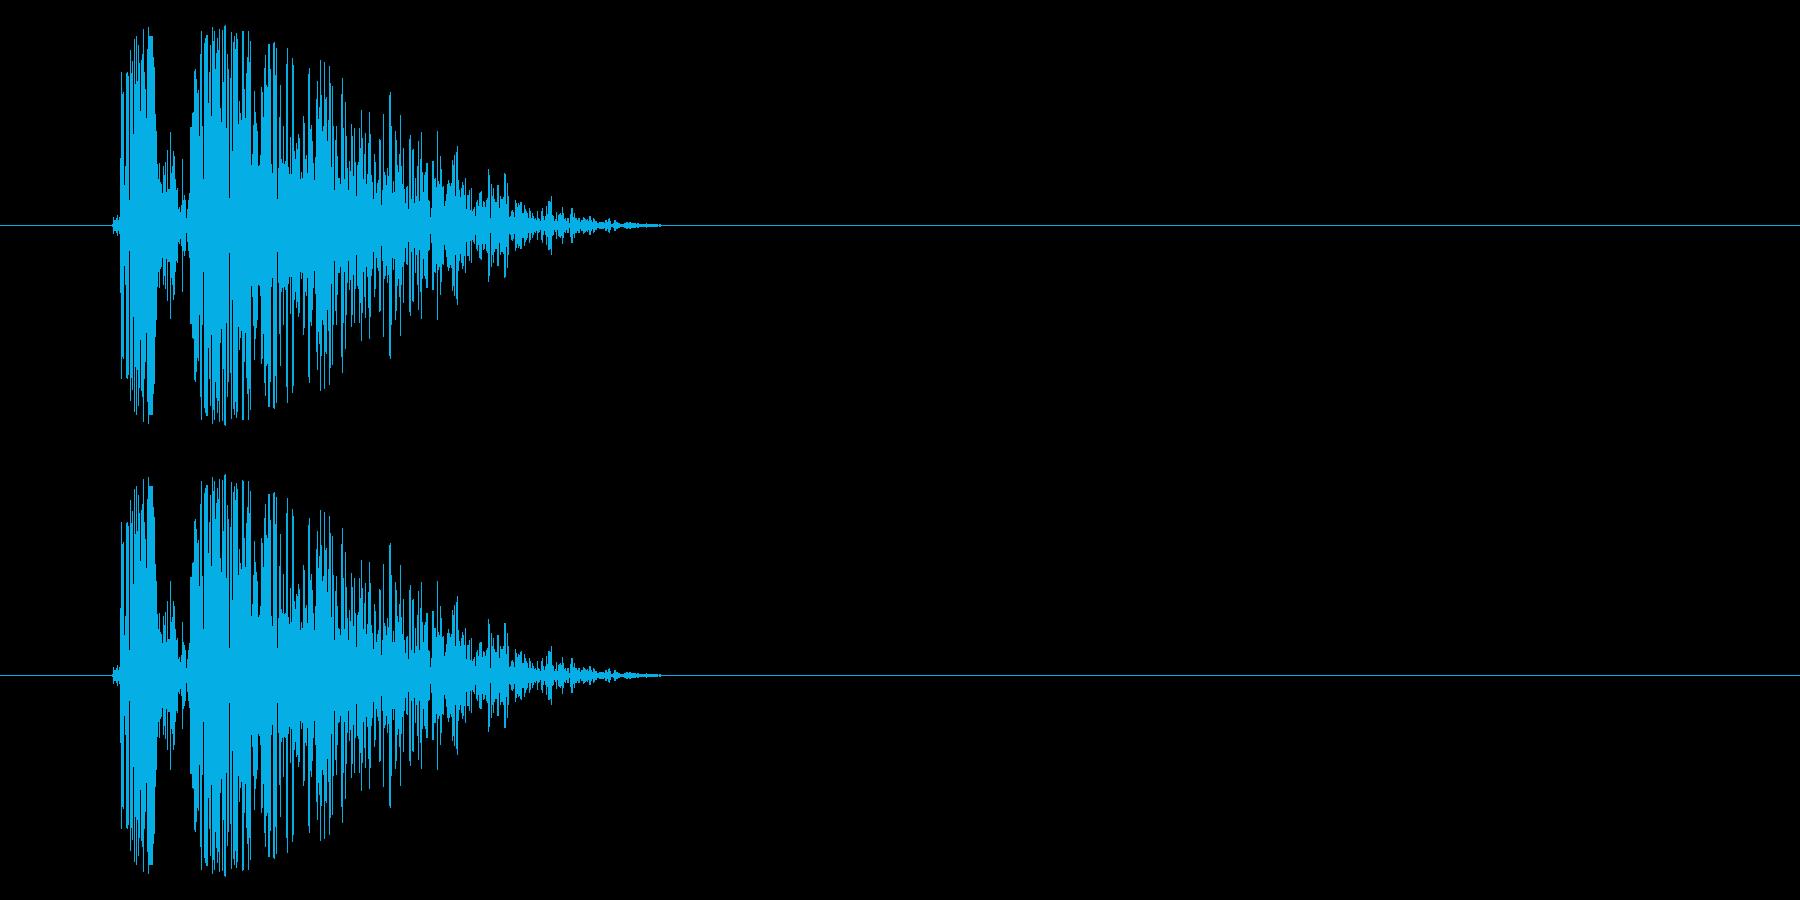 SNES シューティング02-10(ダメの再生済みの波形